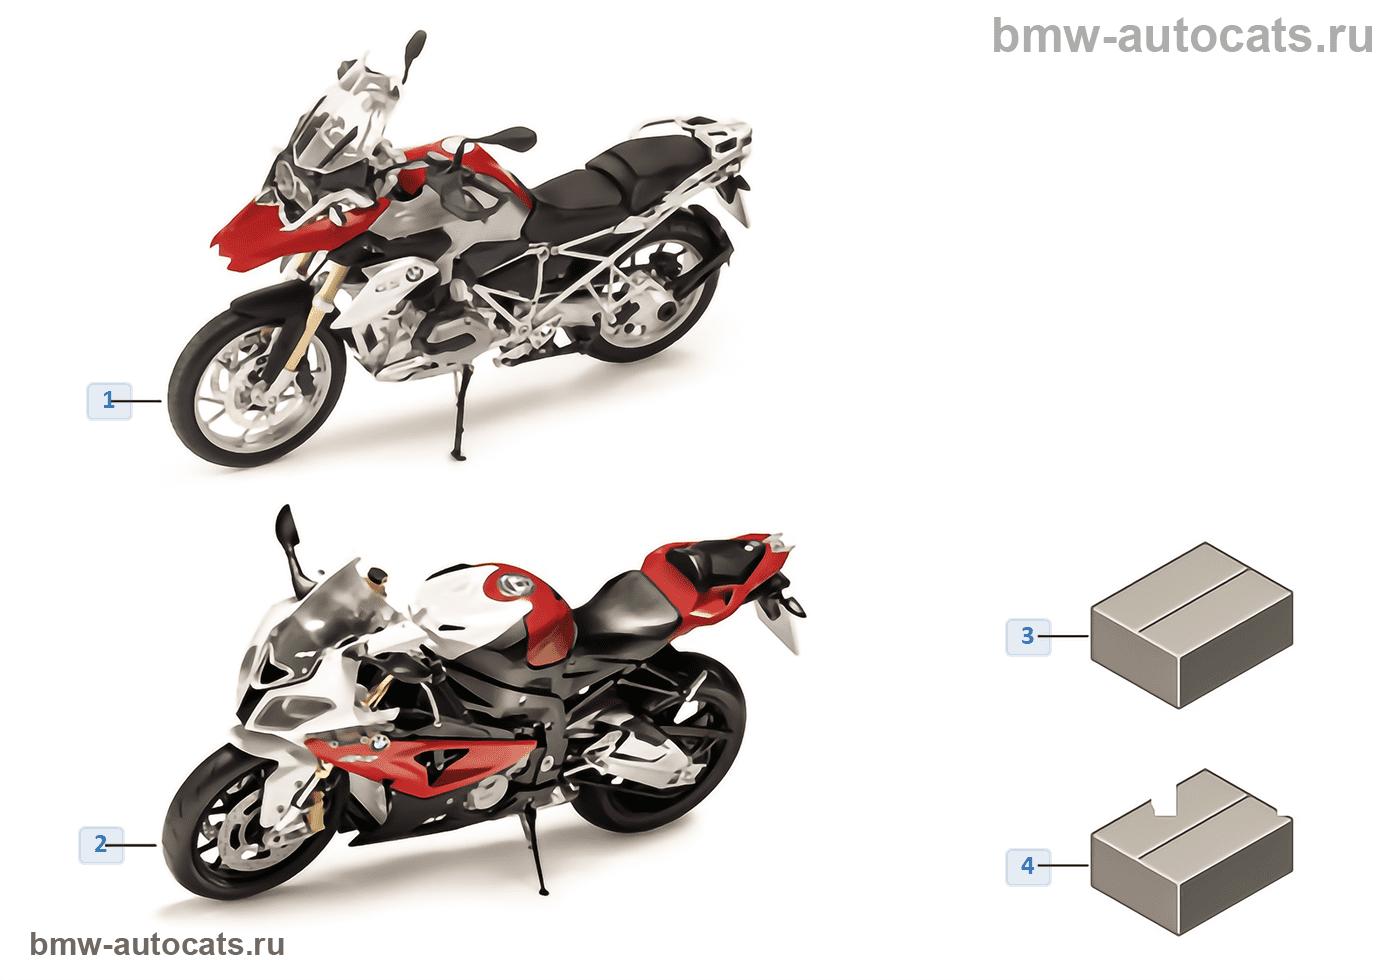 Миниат.модели BMW — BMW Motorrad 14/16